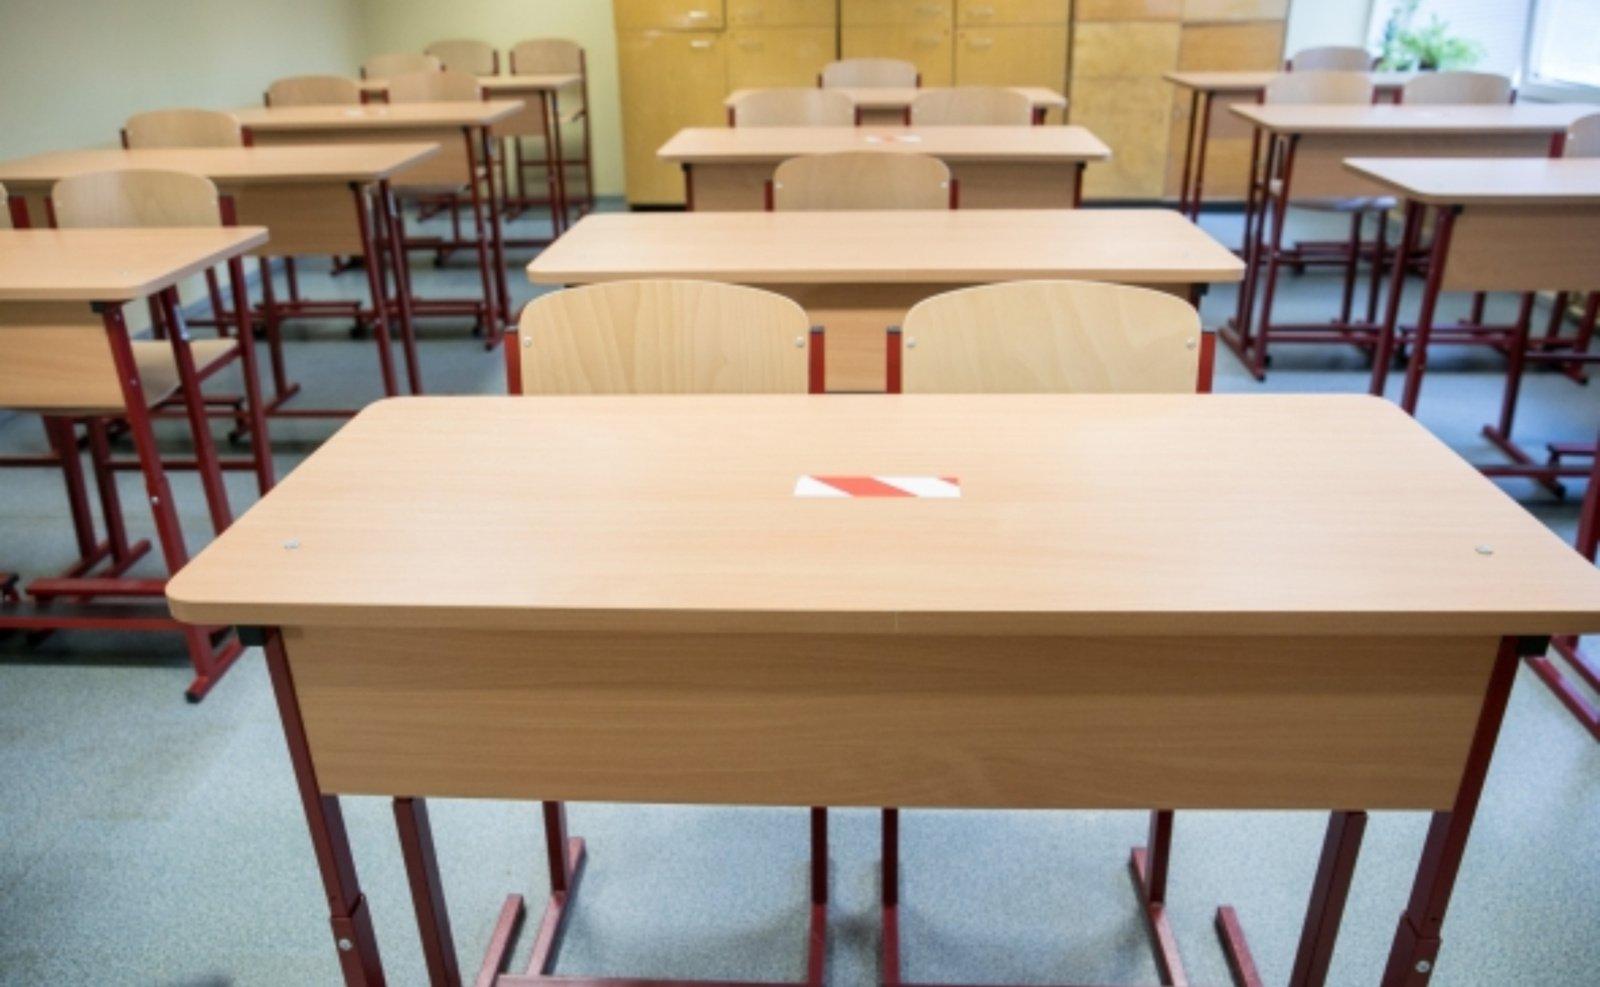 Abiturientams į mokyklas planuojama leisti grįžti nuo gegužės 3-iosios